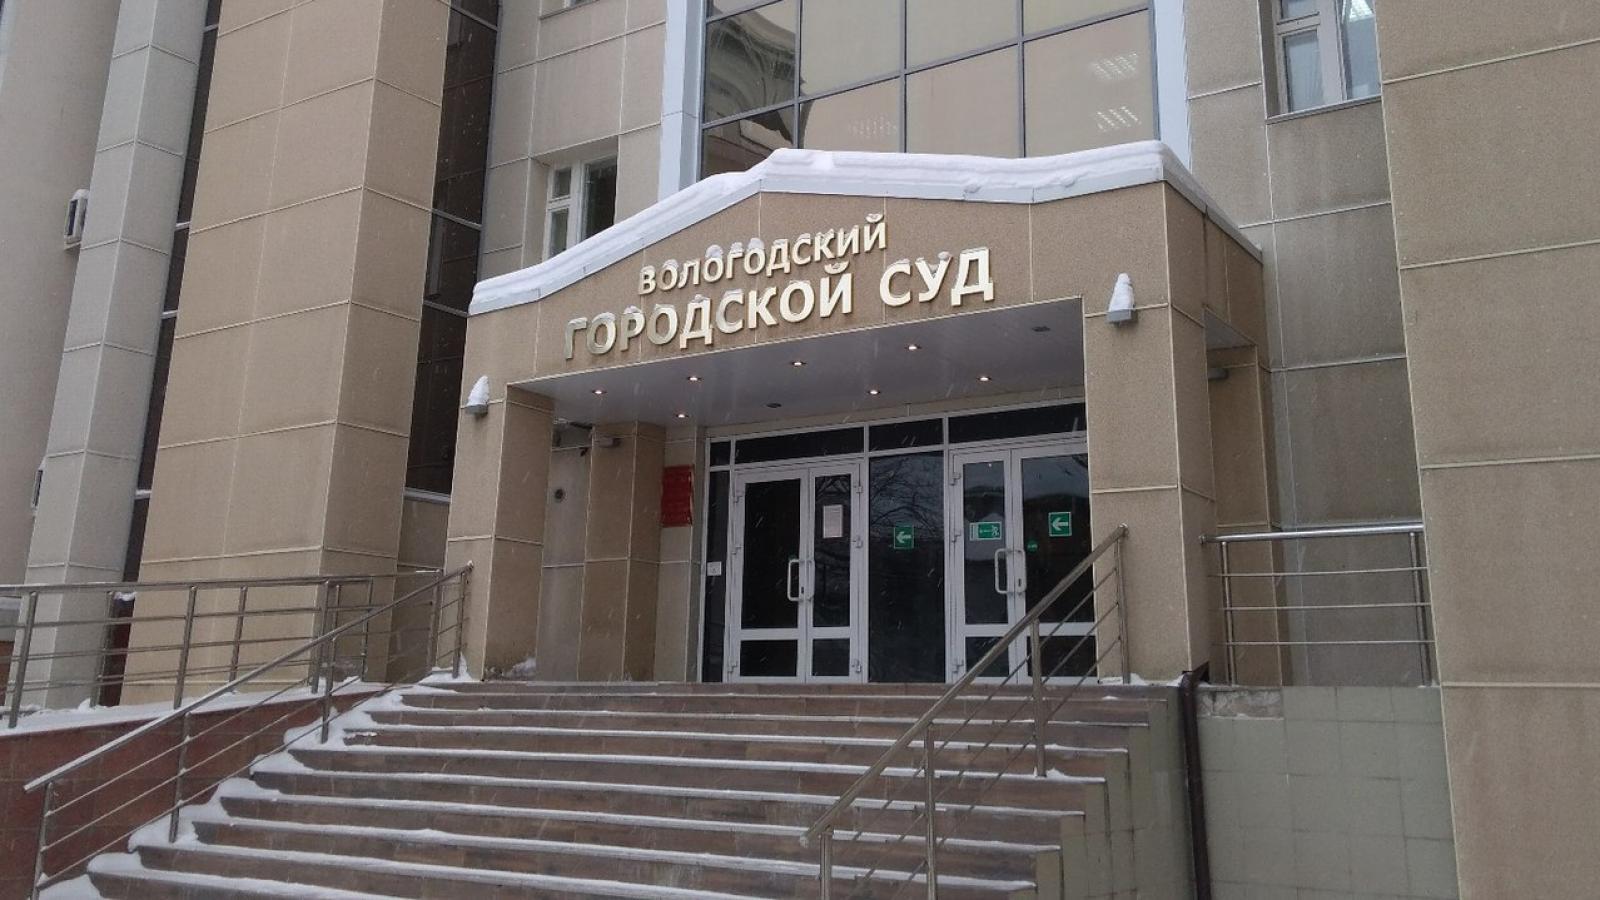 Евгения Германова, сбившая на своем авто трех человек, не явилась в суд